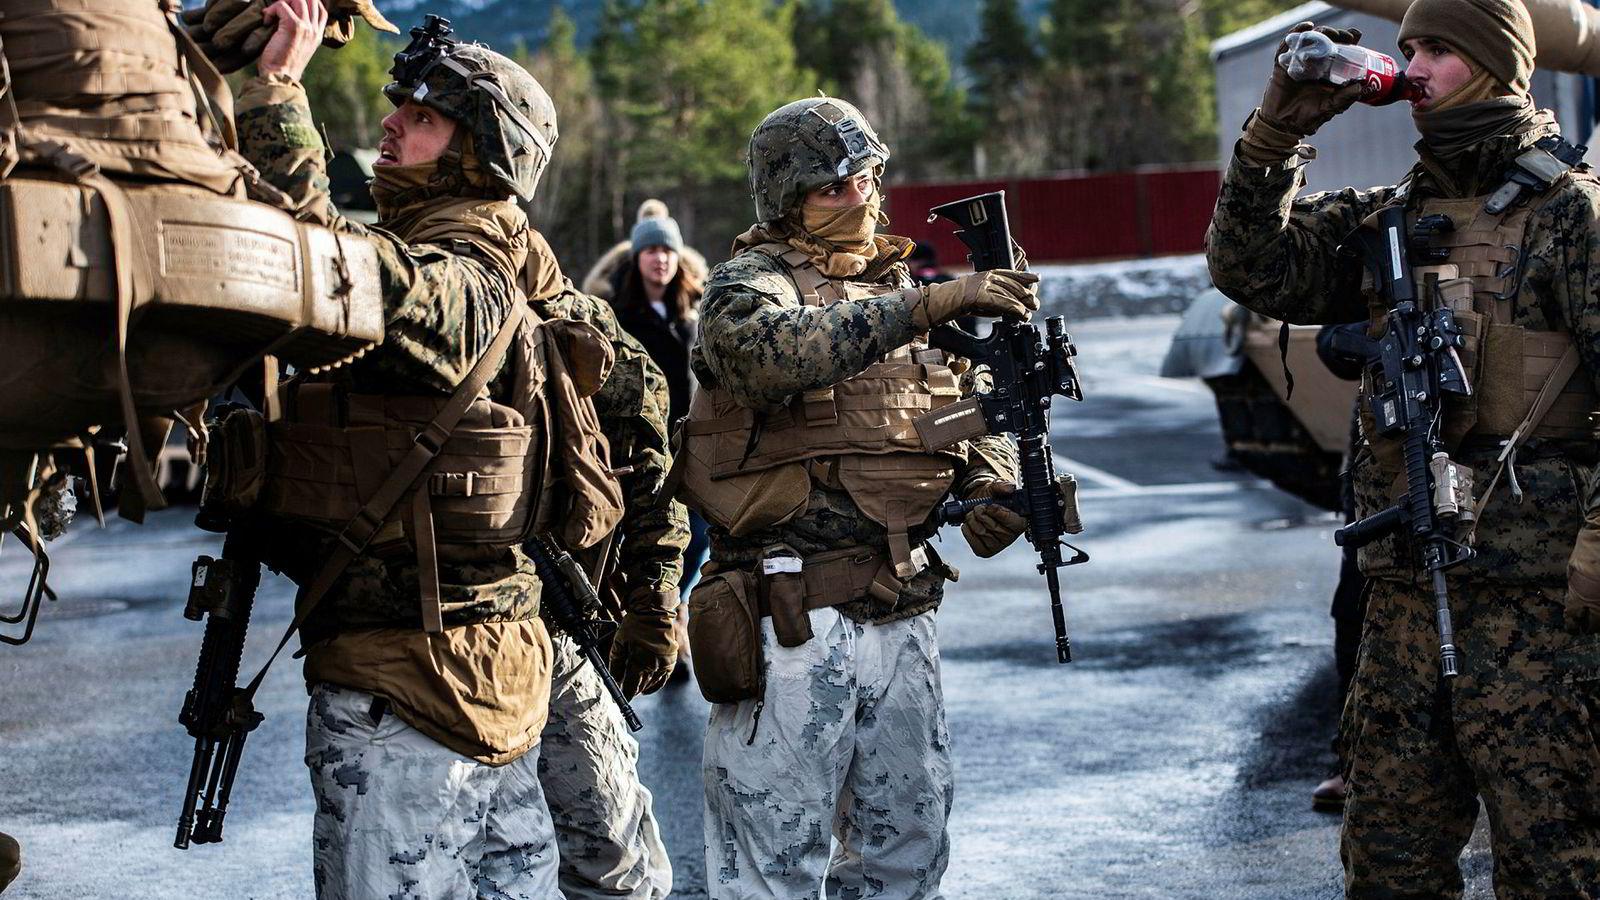 De nye kravene til finansiering av amerikanske styrker i Norge hadde vært lettere å avvise dersom man hadde sitt på det tørre med prosenten, slik britene har. Denne amerikanske regjeringen har ikke tenkt å gi seg. Her amerikanske soldater fra en øvelse under Trident Juncture i Oppdal.